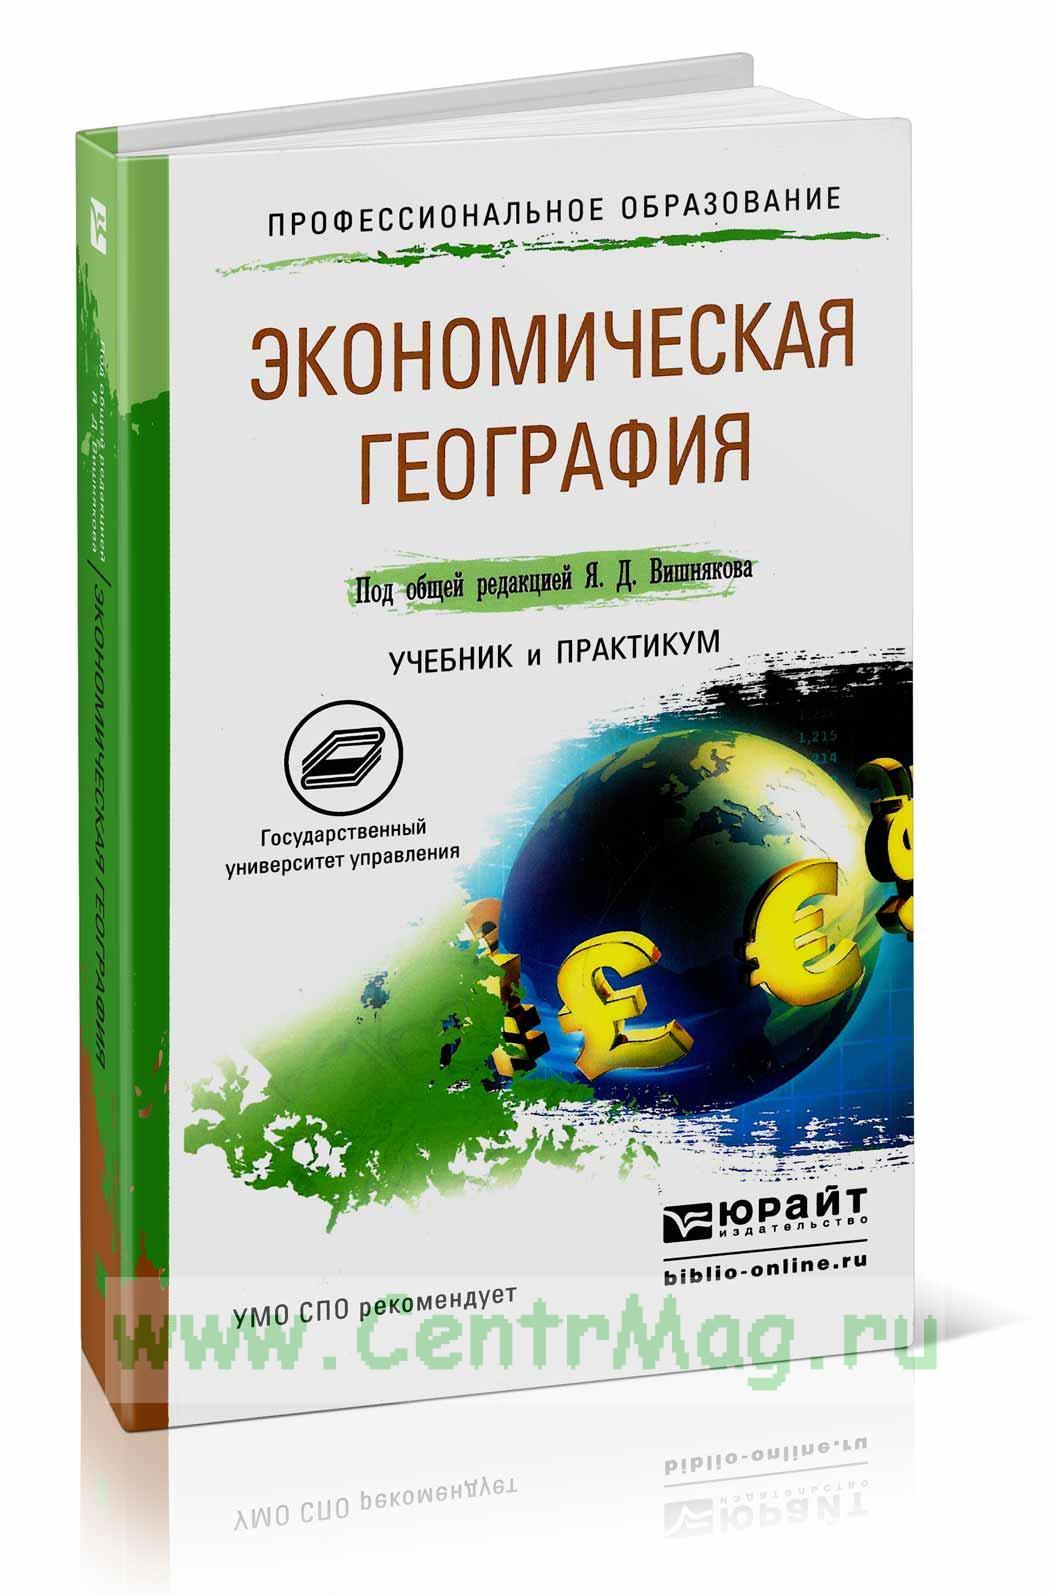 Экономическая география: учебник и практикум для СПО